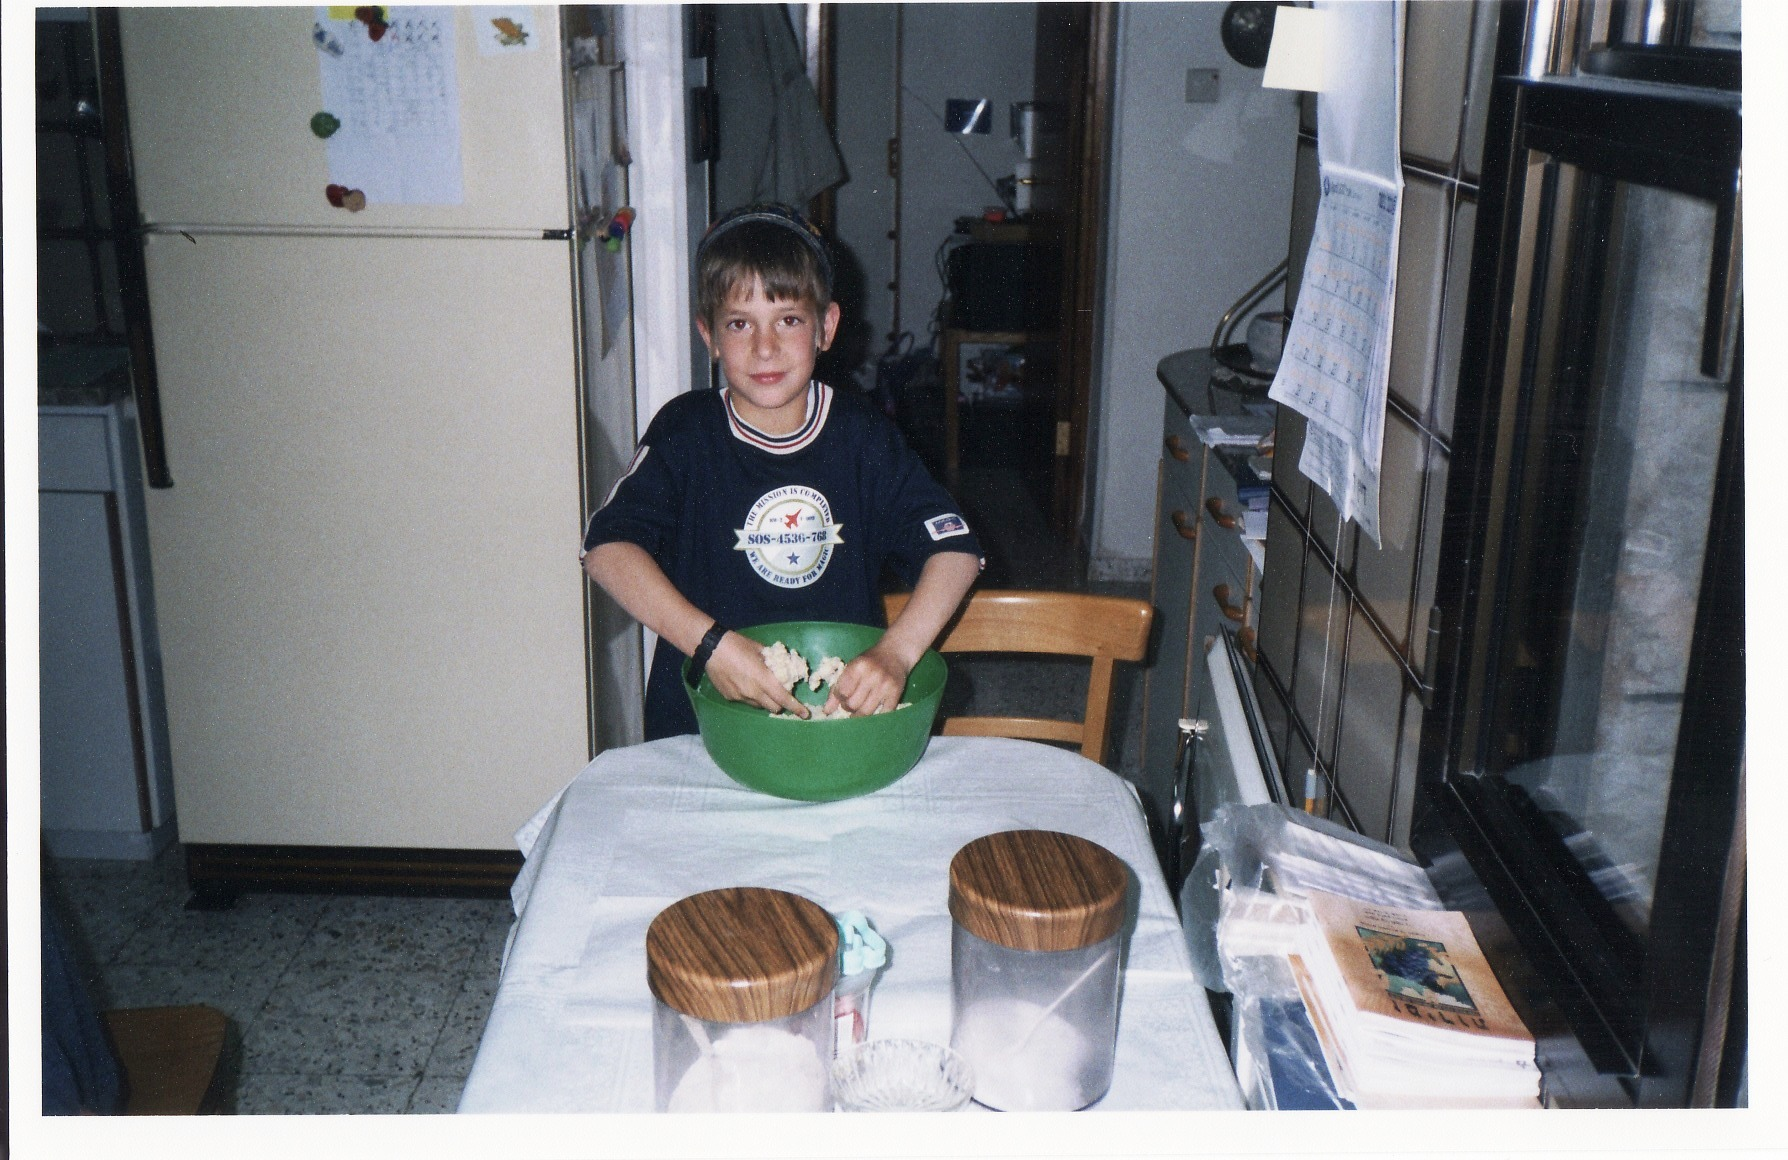 תשסב ישי בן 7 מכין עוגיות